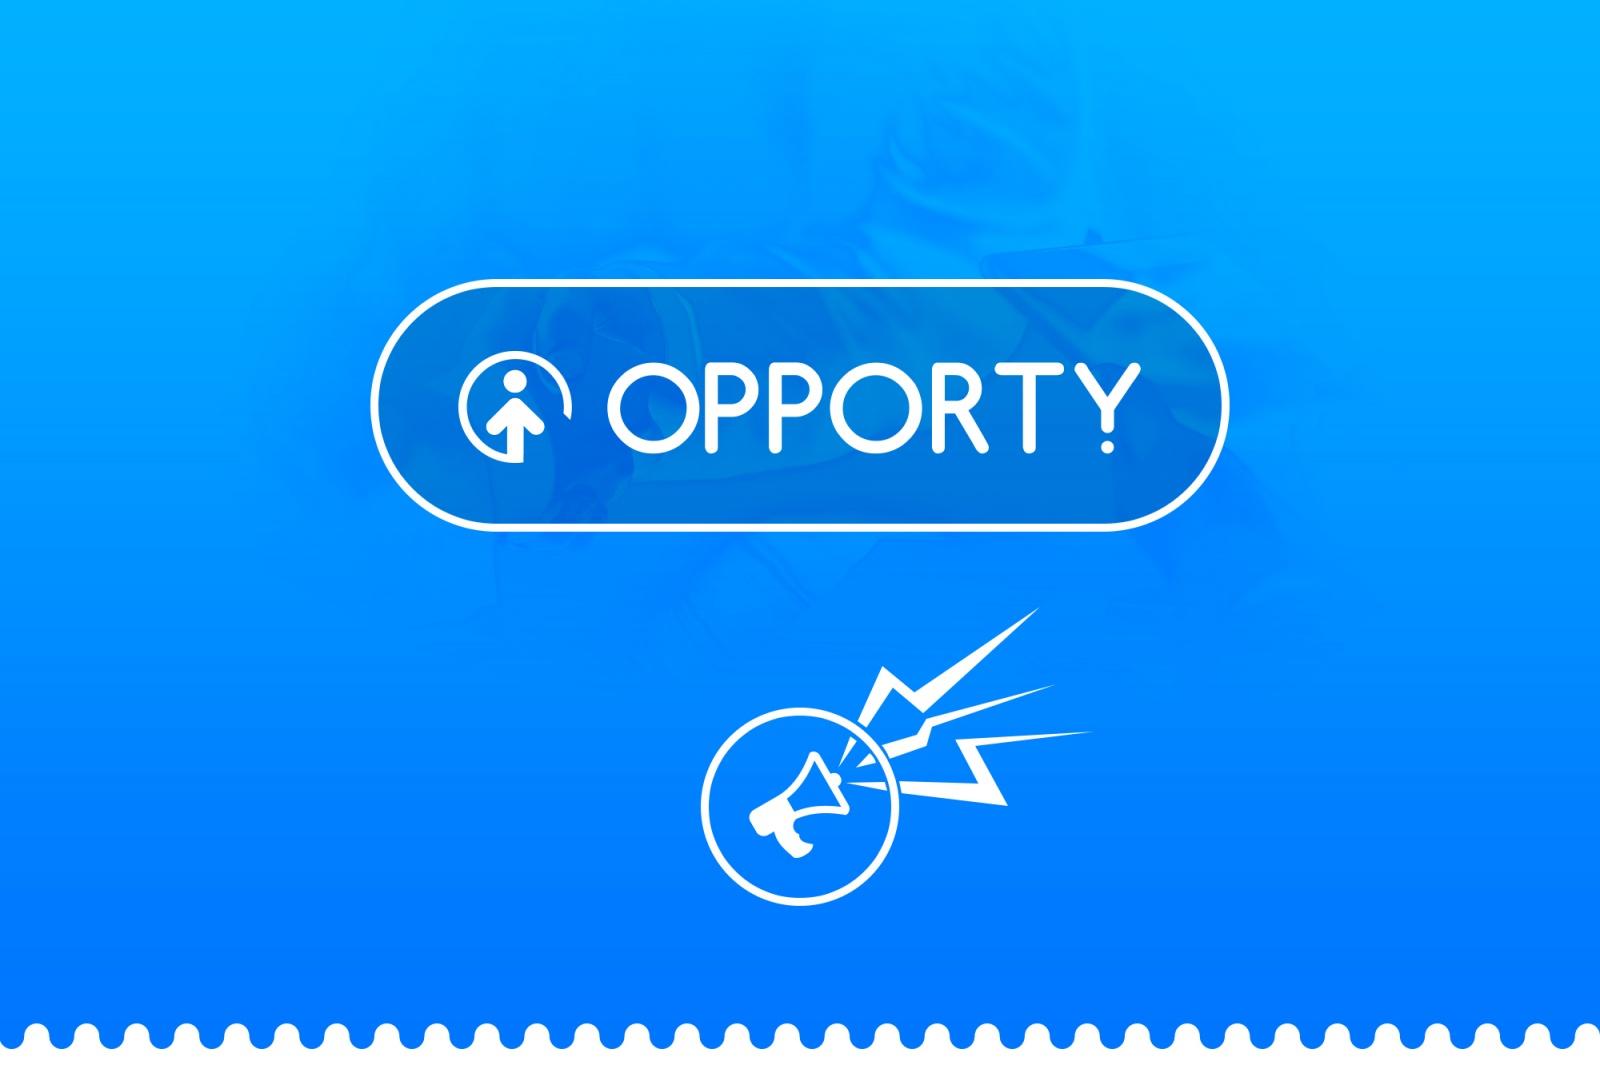 Opporty — новый маркетплейс для малого бизнеса на блокчейне - 1